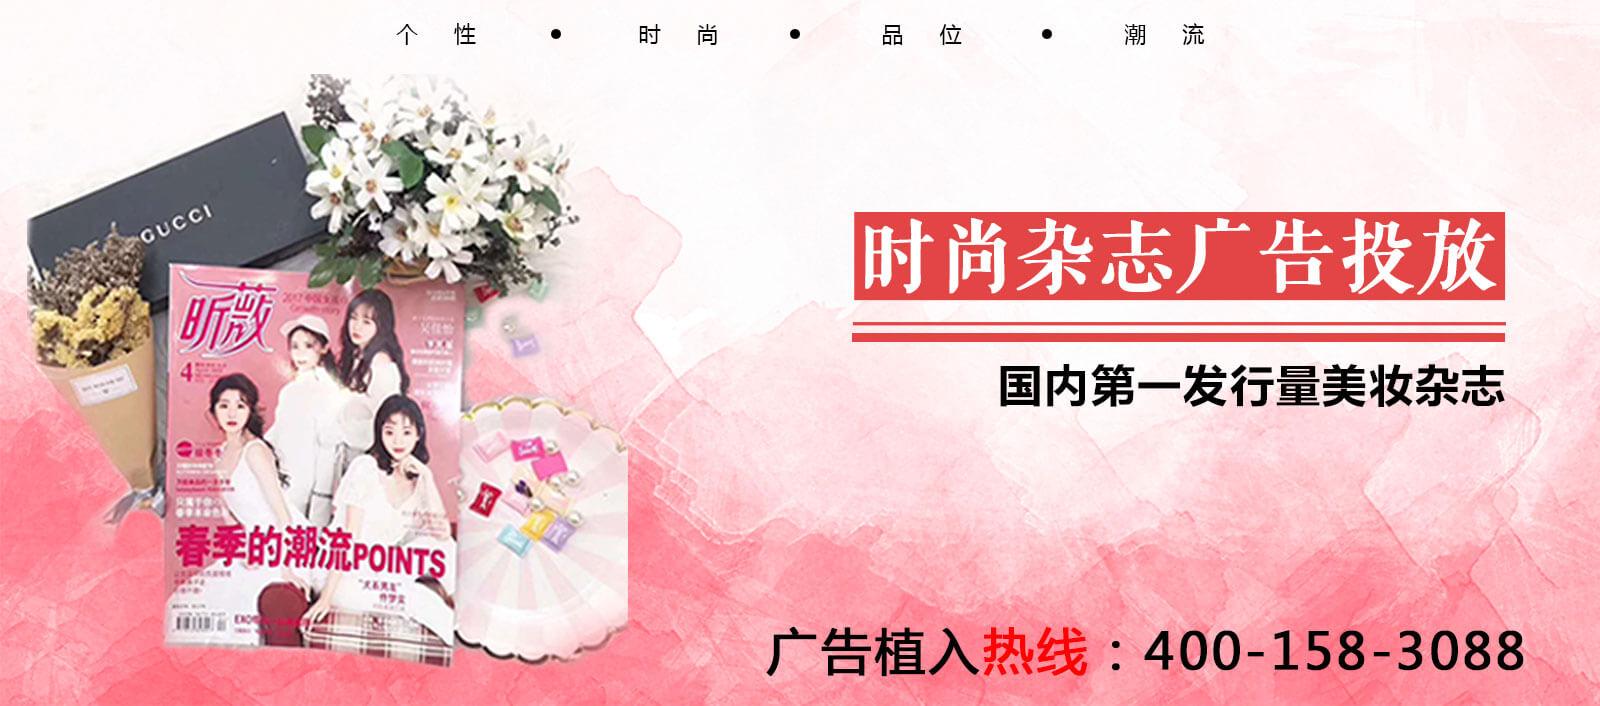 【广东今视】美妆杂志